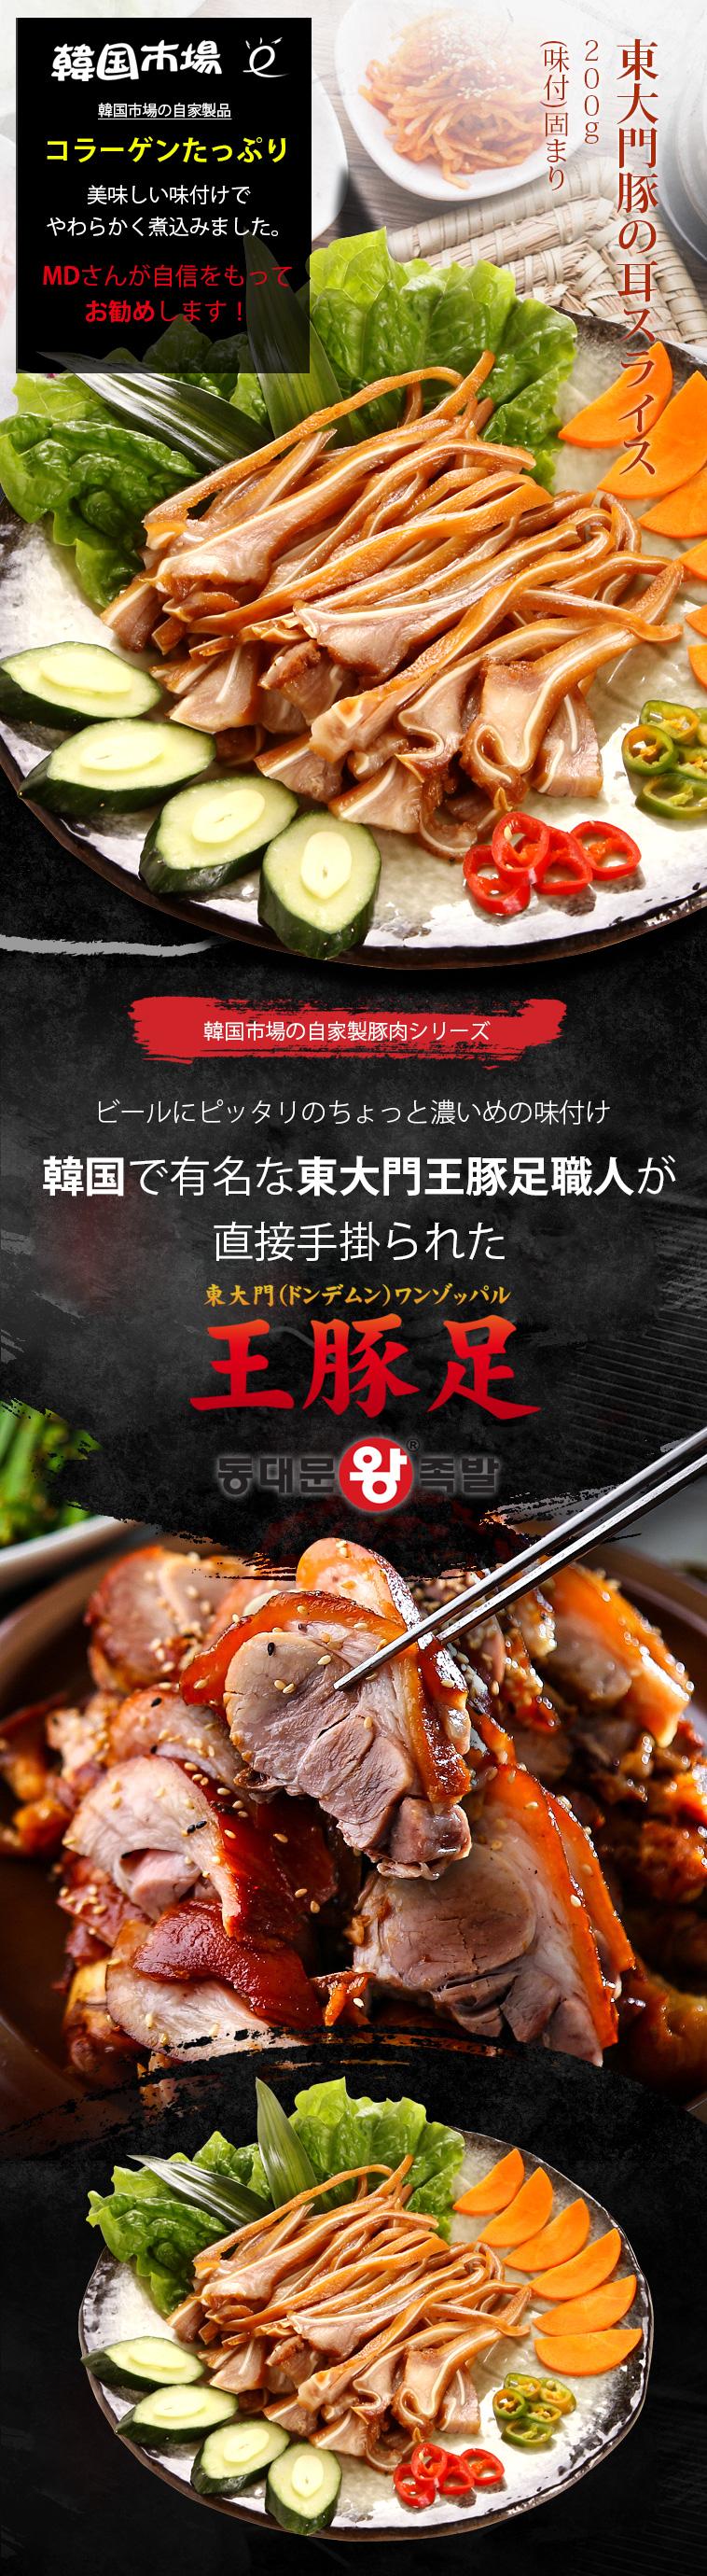 韓国で有名な東大門王豚足職人が直接手掛られた商品でMDさんが自信をもってお勧めできる商品です。